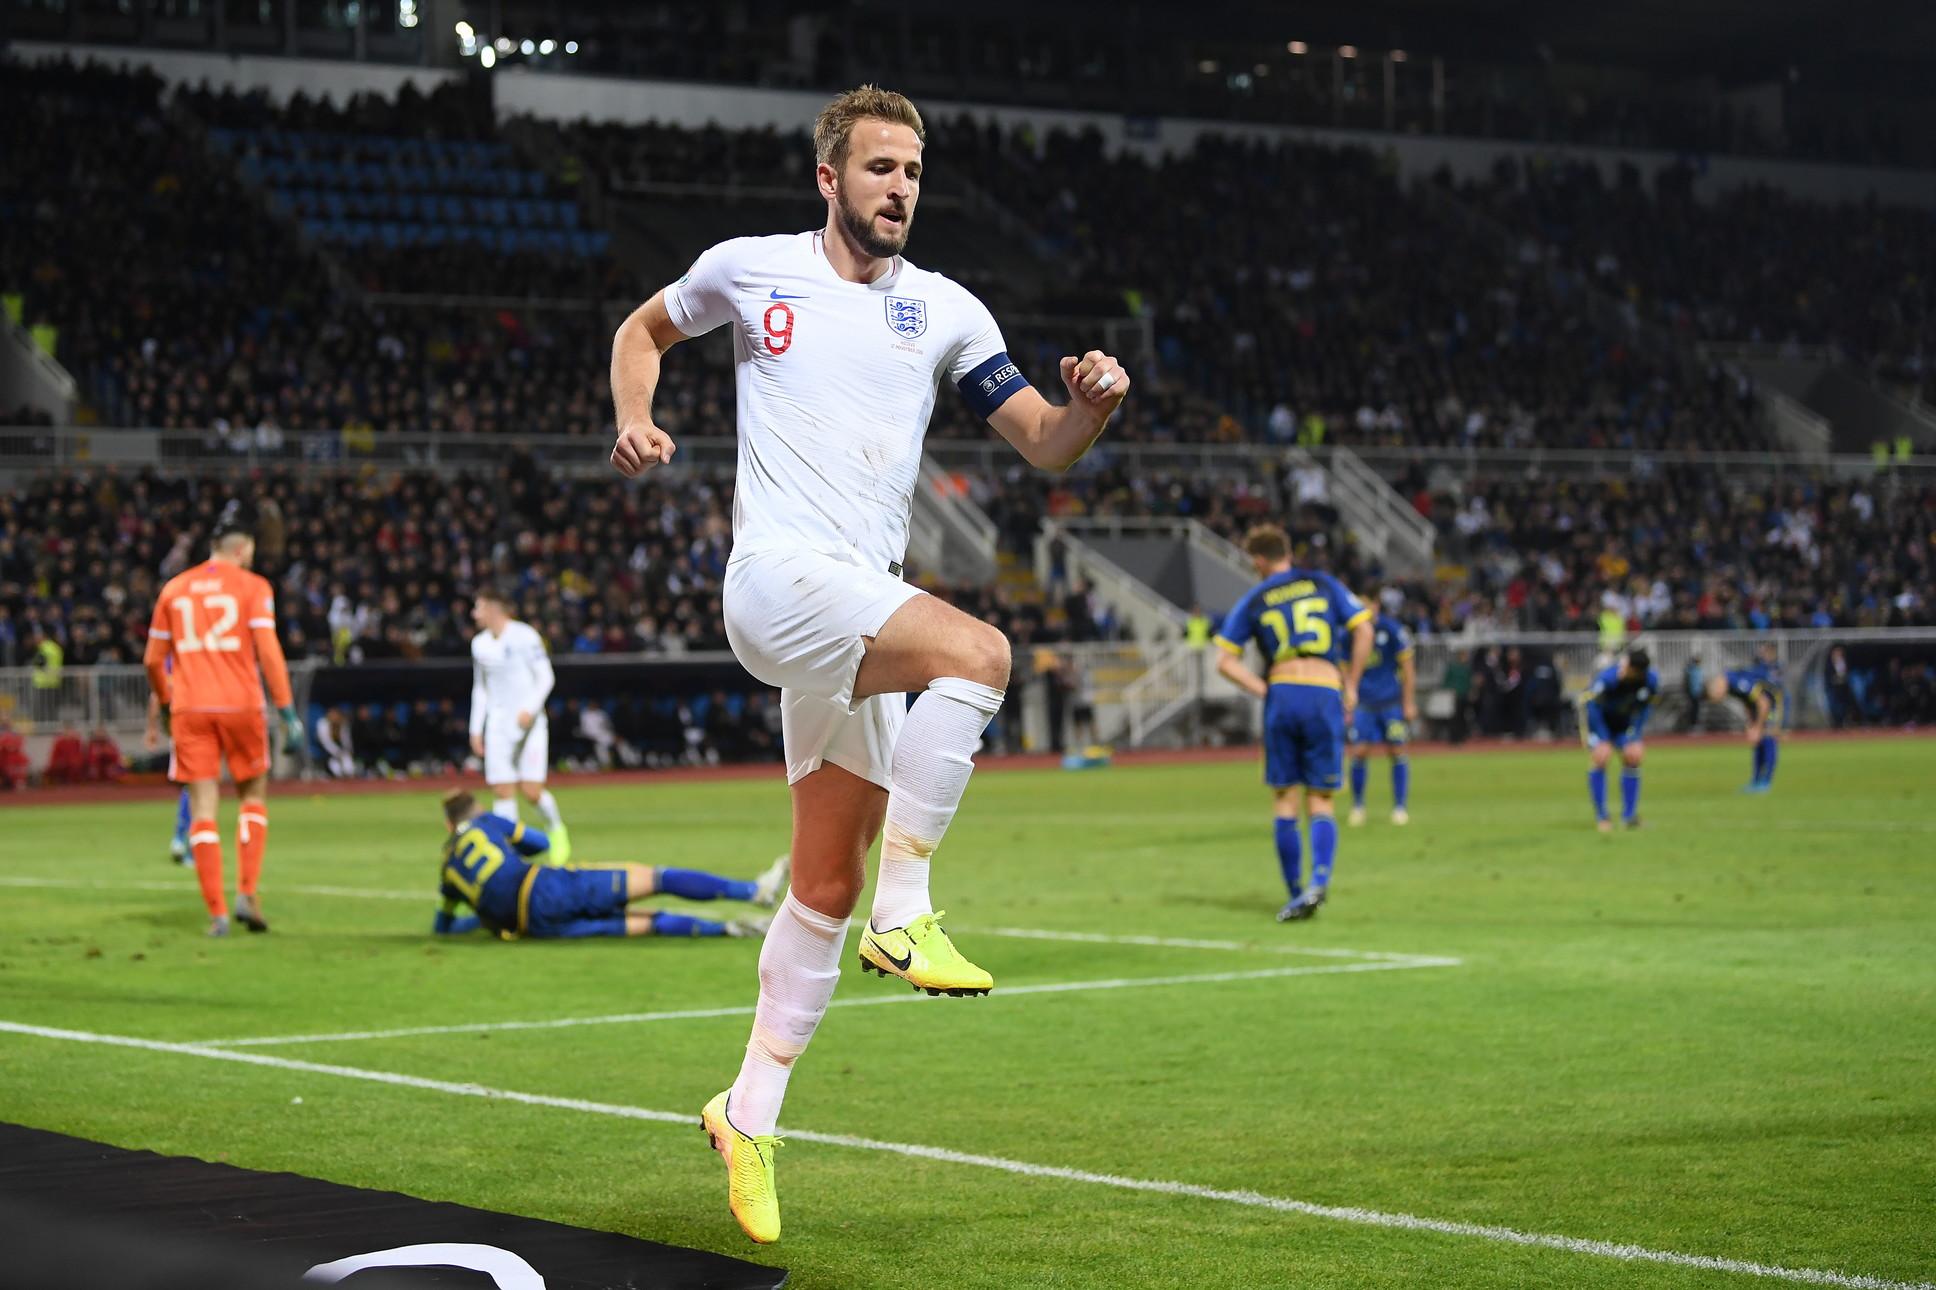 Harry Kane (Inghilterra): operato ai tendini della coscia sinistra a gennaio, ritorno previsto per maggio. Avrebbe rischiato Euro 2020